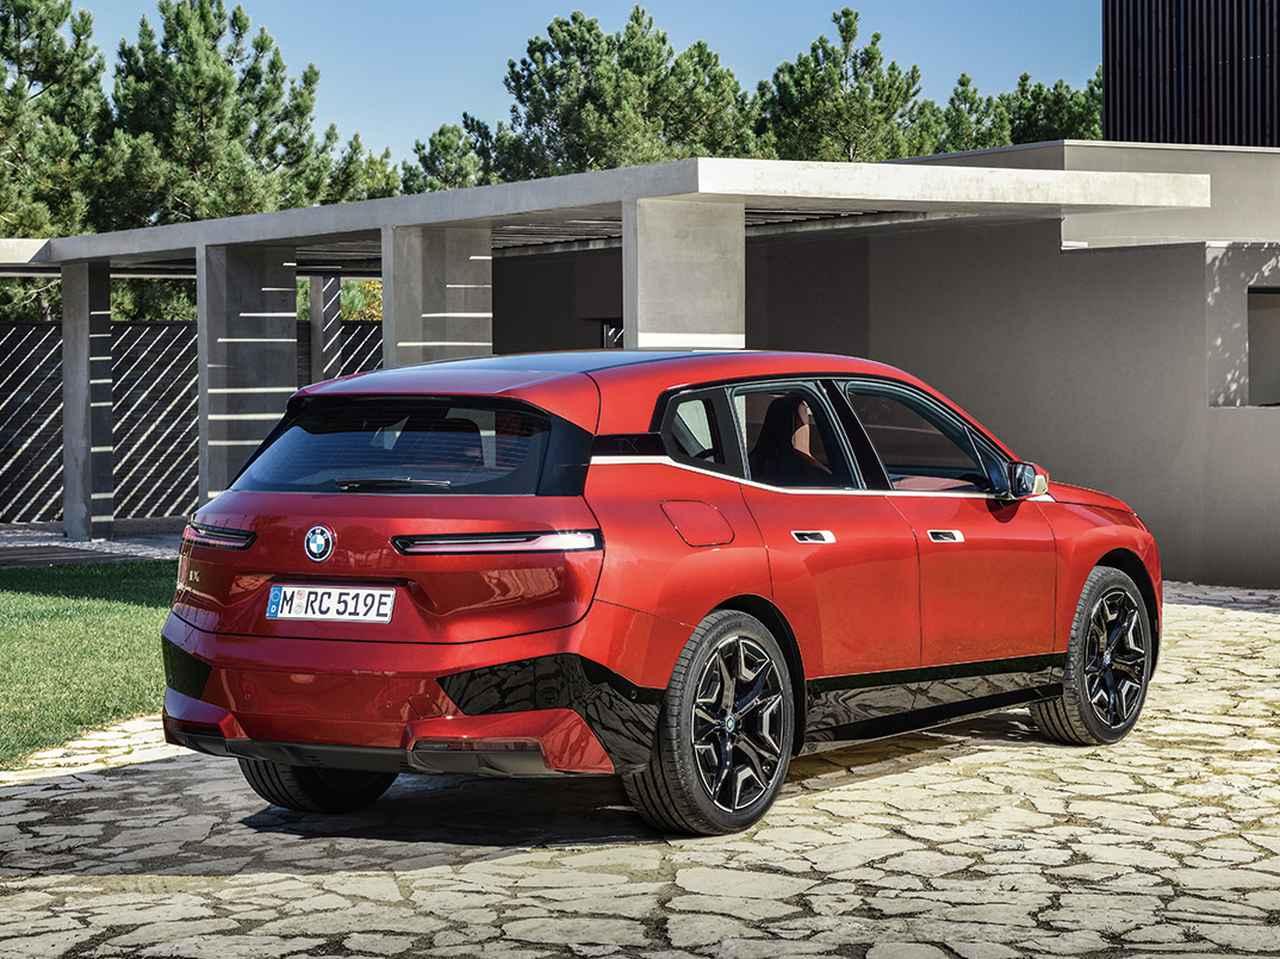 画像: BMW iX。最高出力500ps以上を発生する2基の電気モーターを搭載し、0→100km/h加速性能は5秒未満。